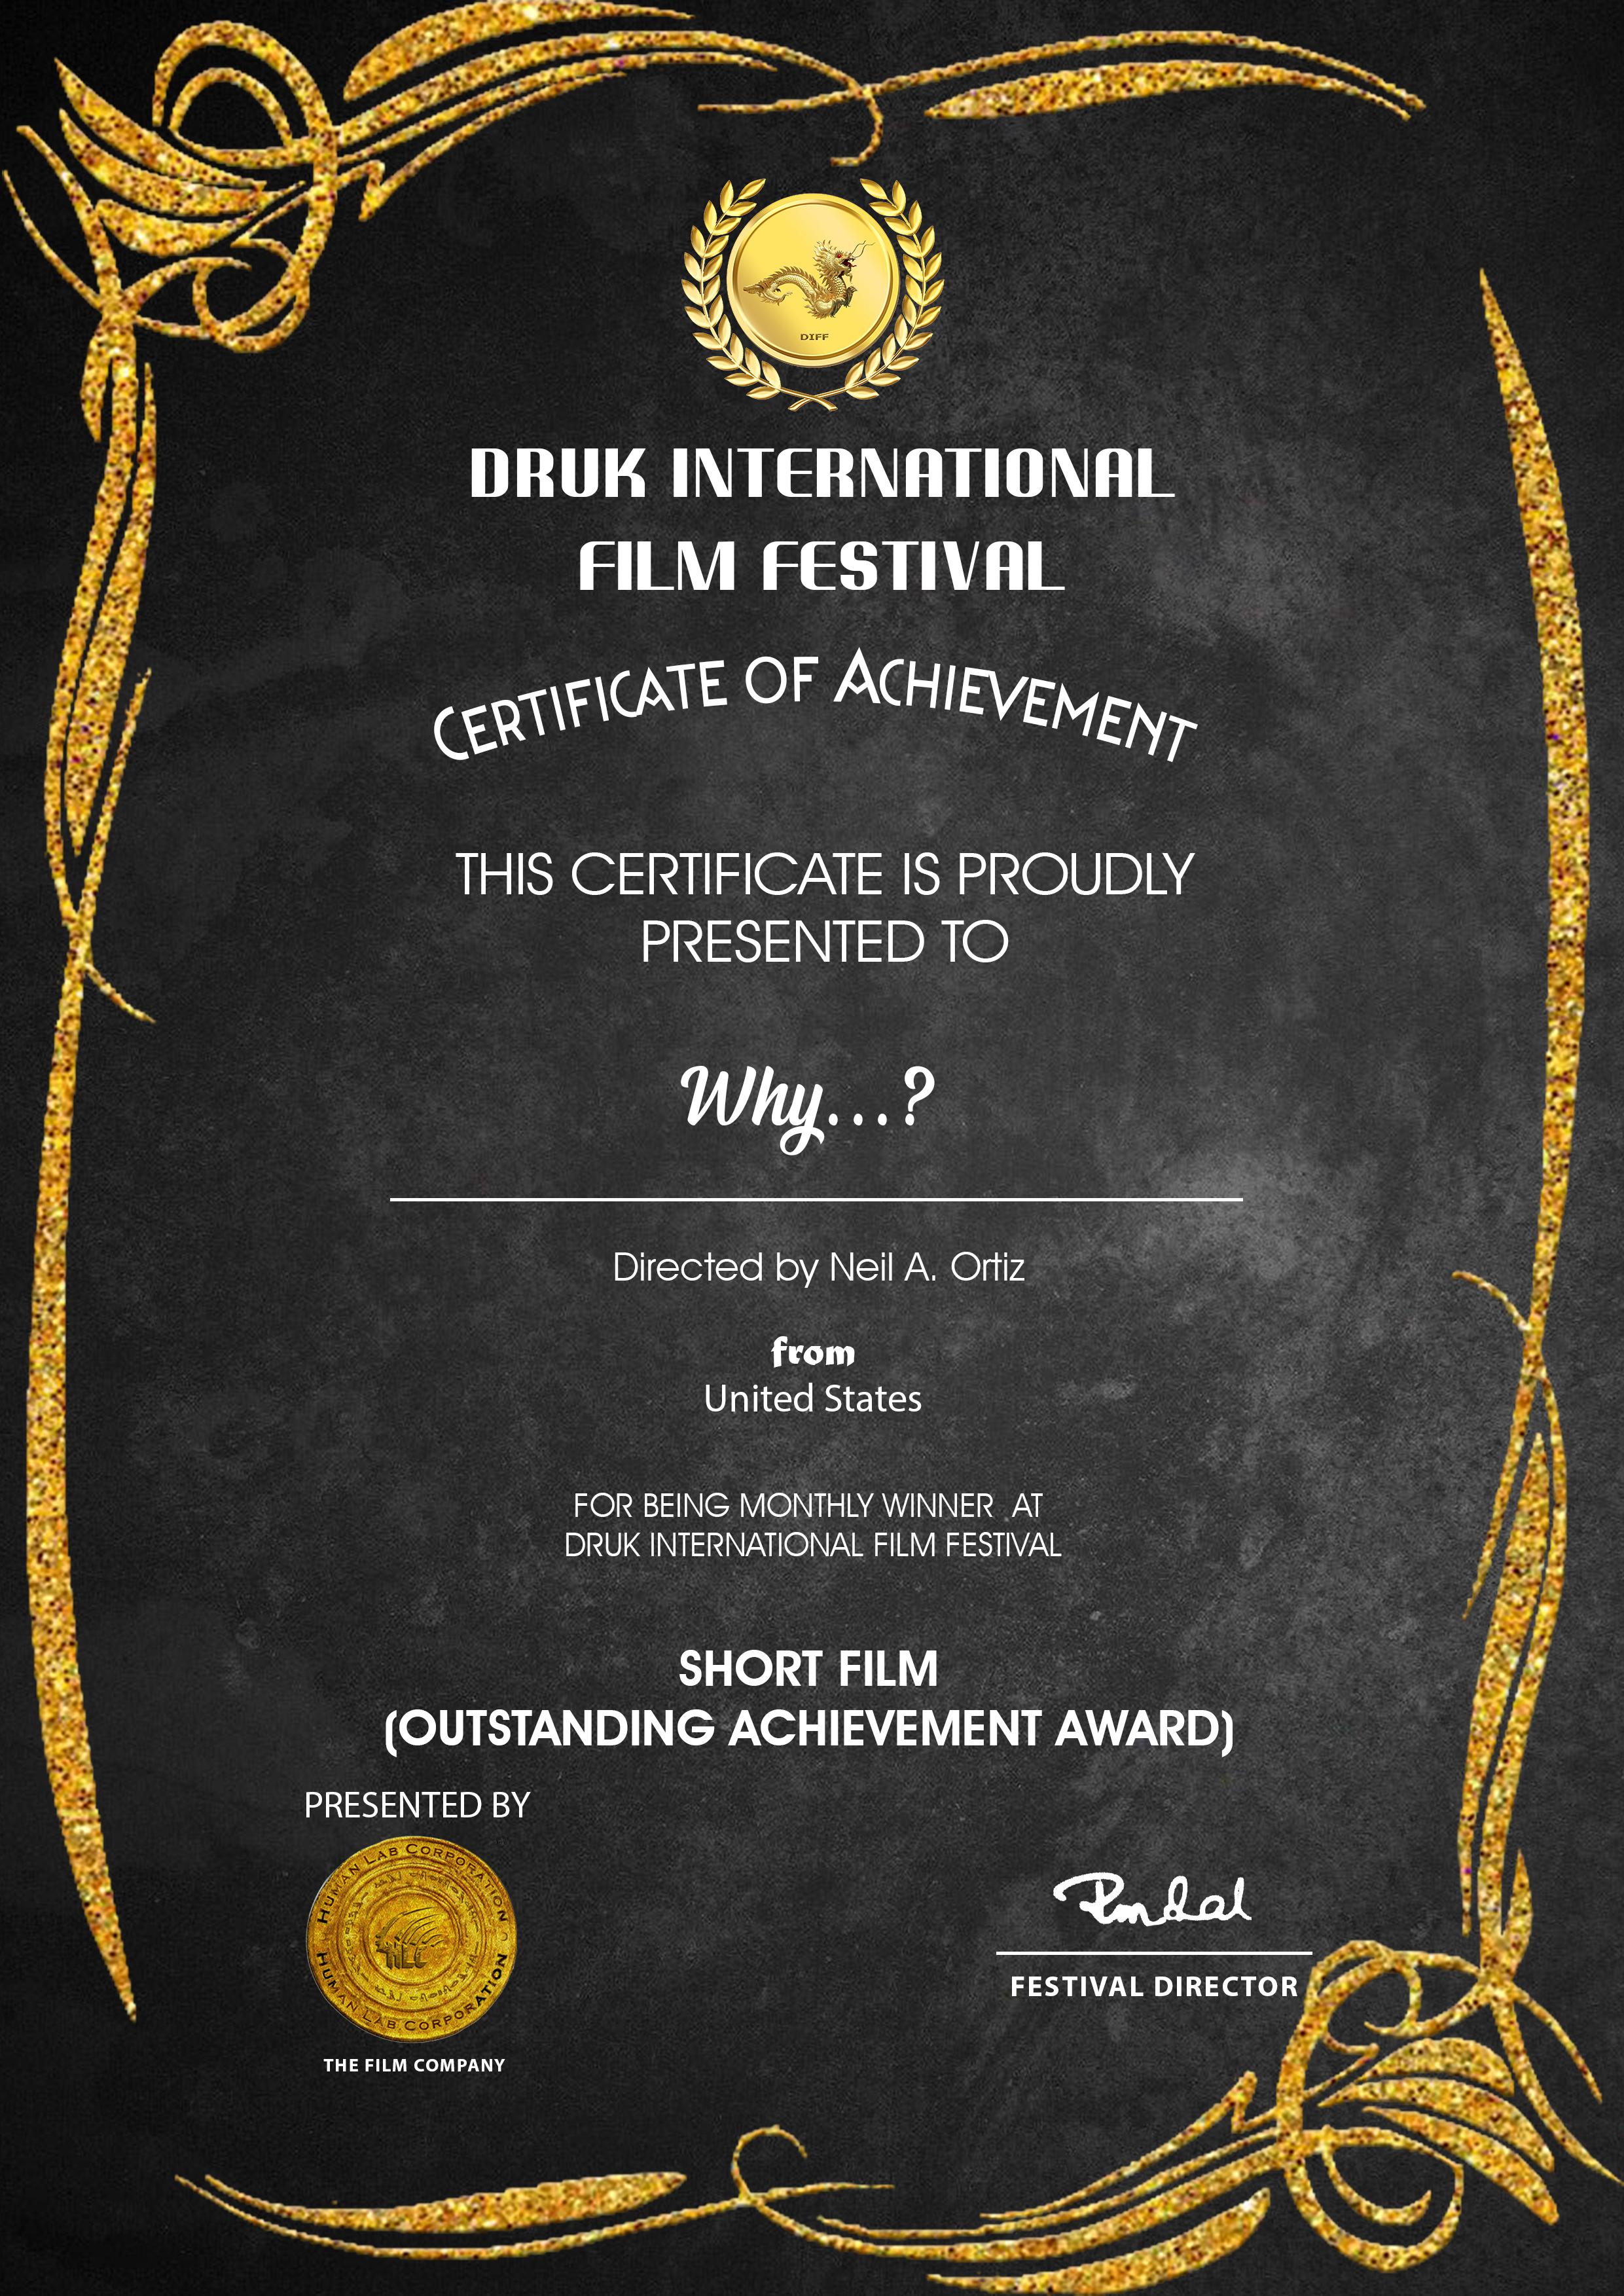 OUTSTANDING ACHIEVEMENT AWARD - SHORT FILM